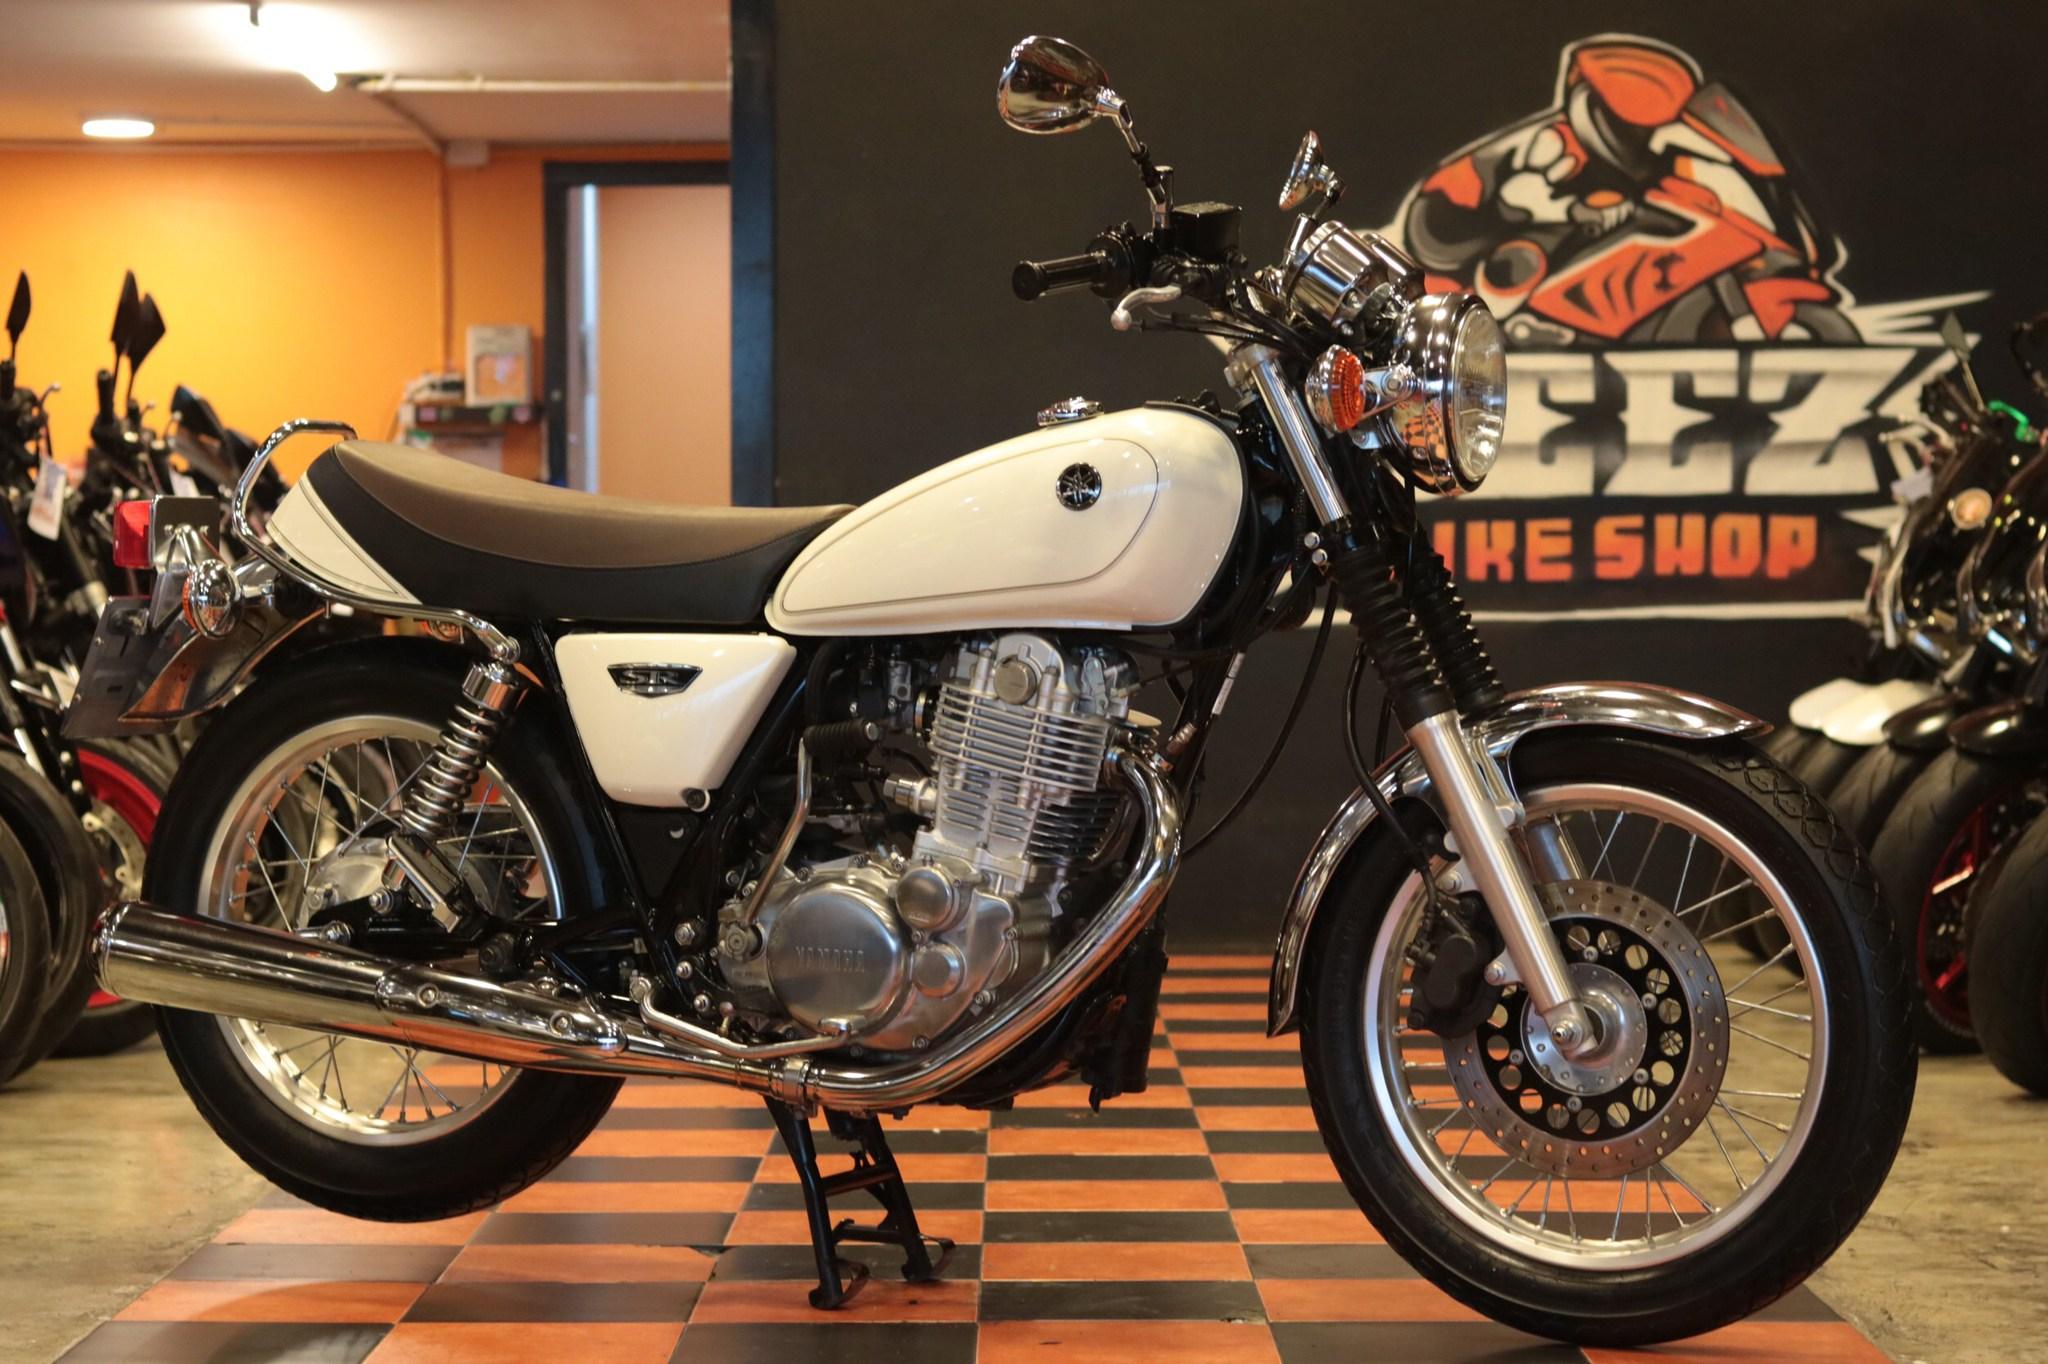 ขาย Yamaha SR400 ปี 2014 สภาพป้ายแดง4000โล